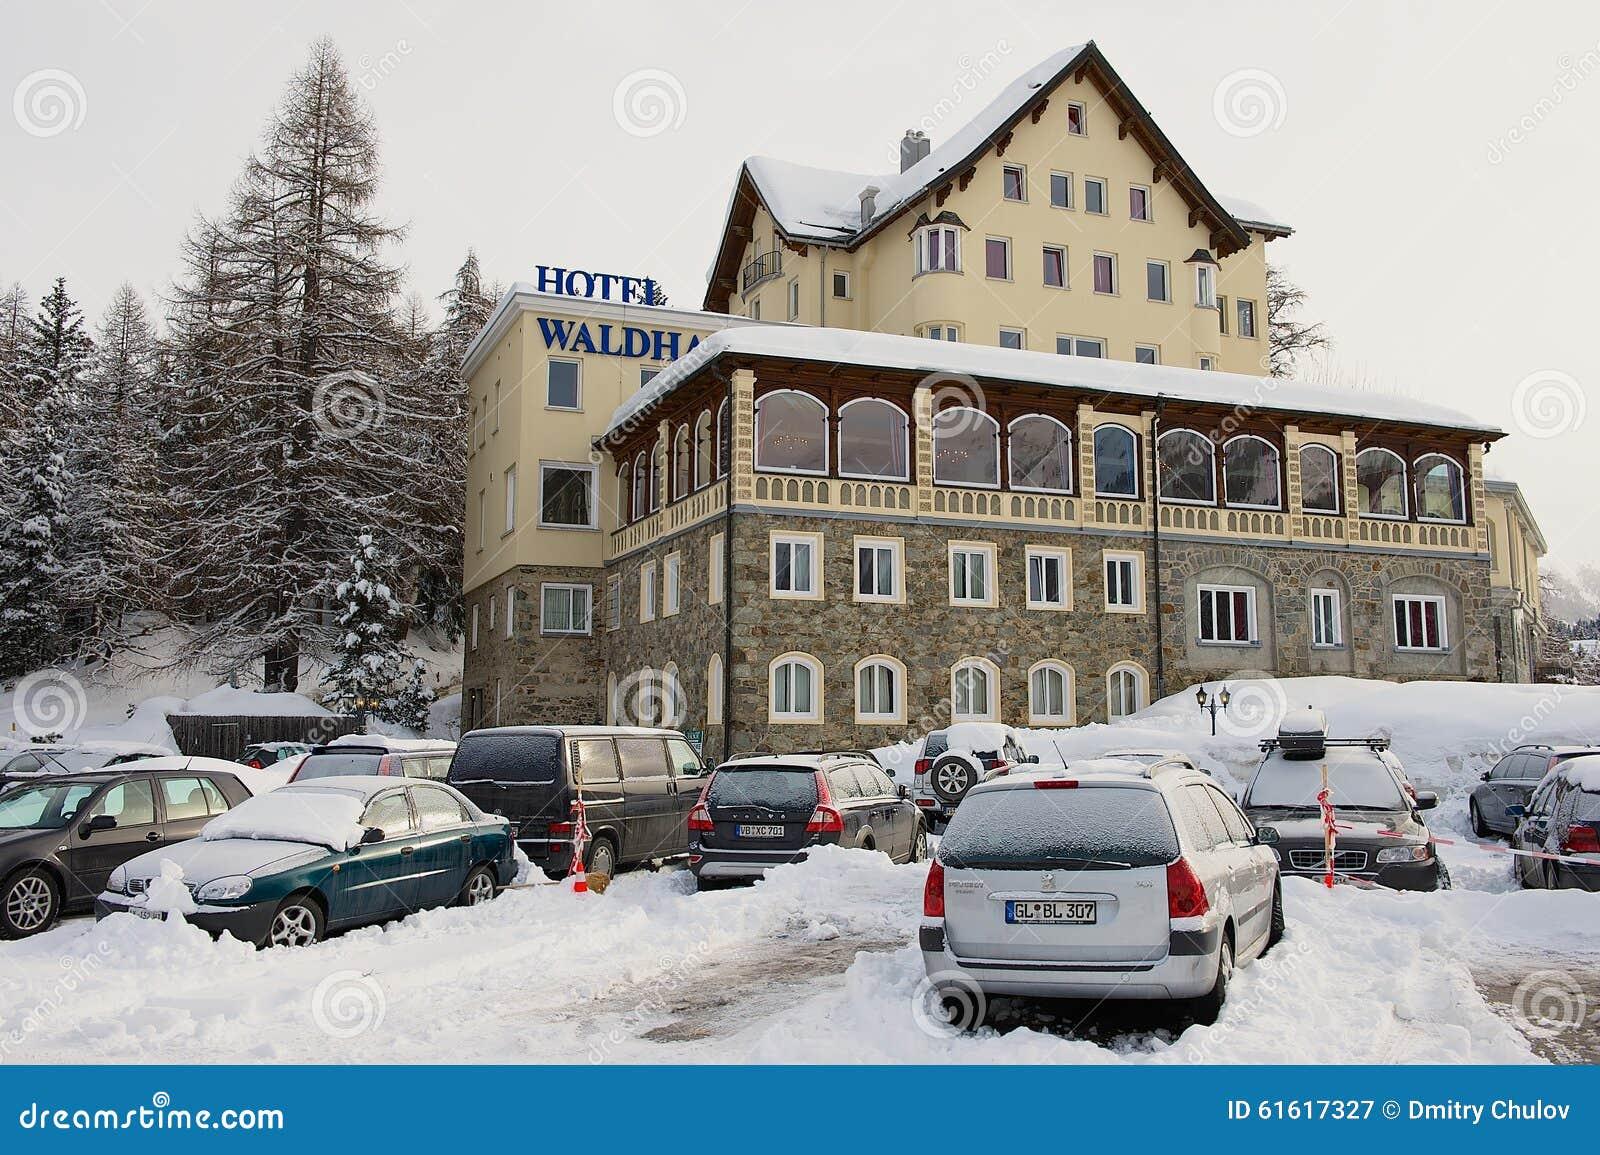 Waldhaus Hotel St Moritz